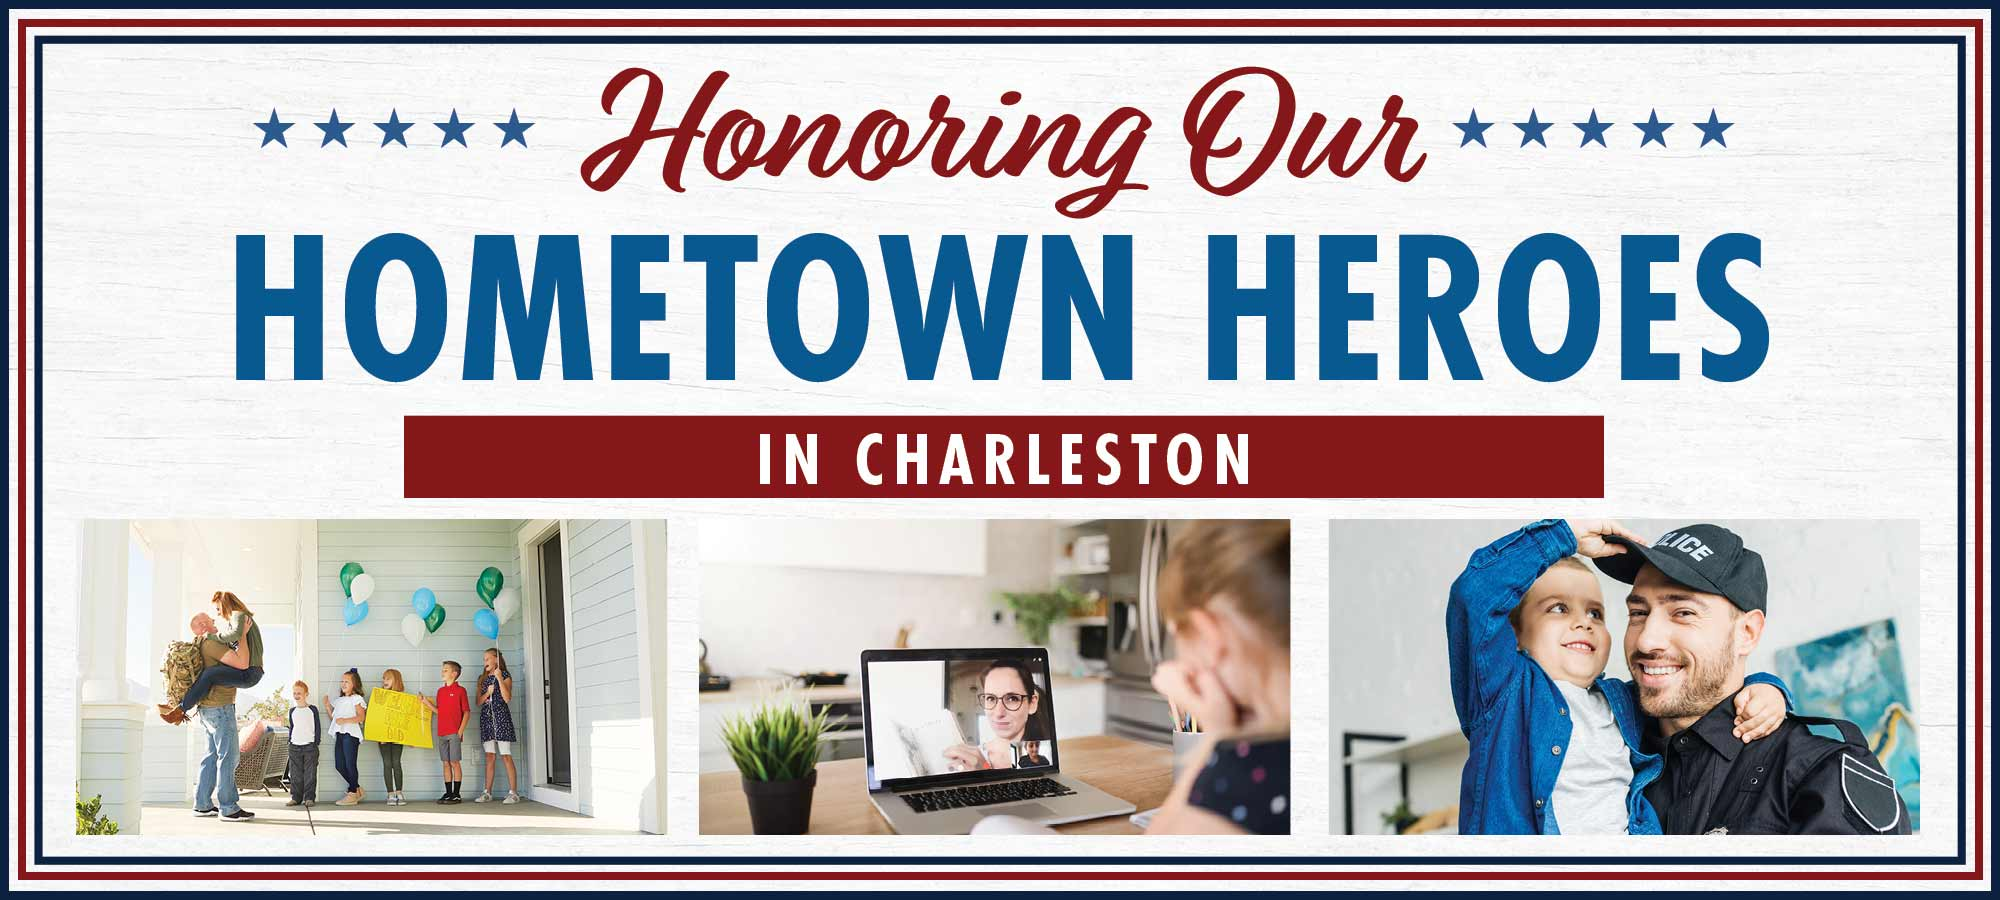 Salute to Hometown Heroes in Charleston